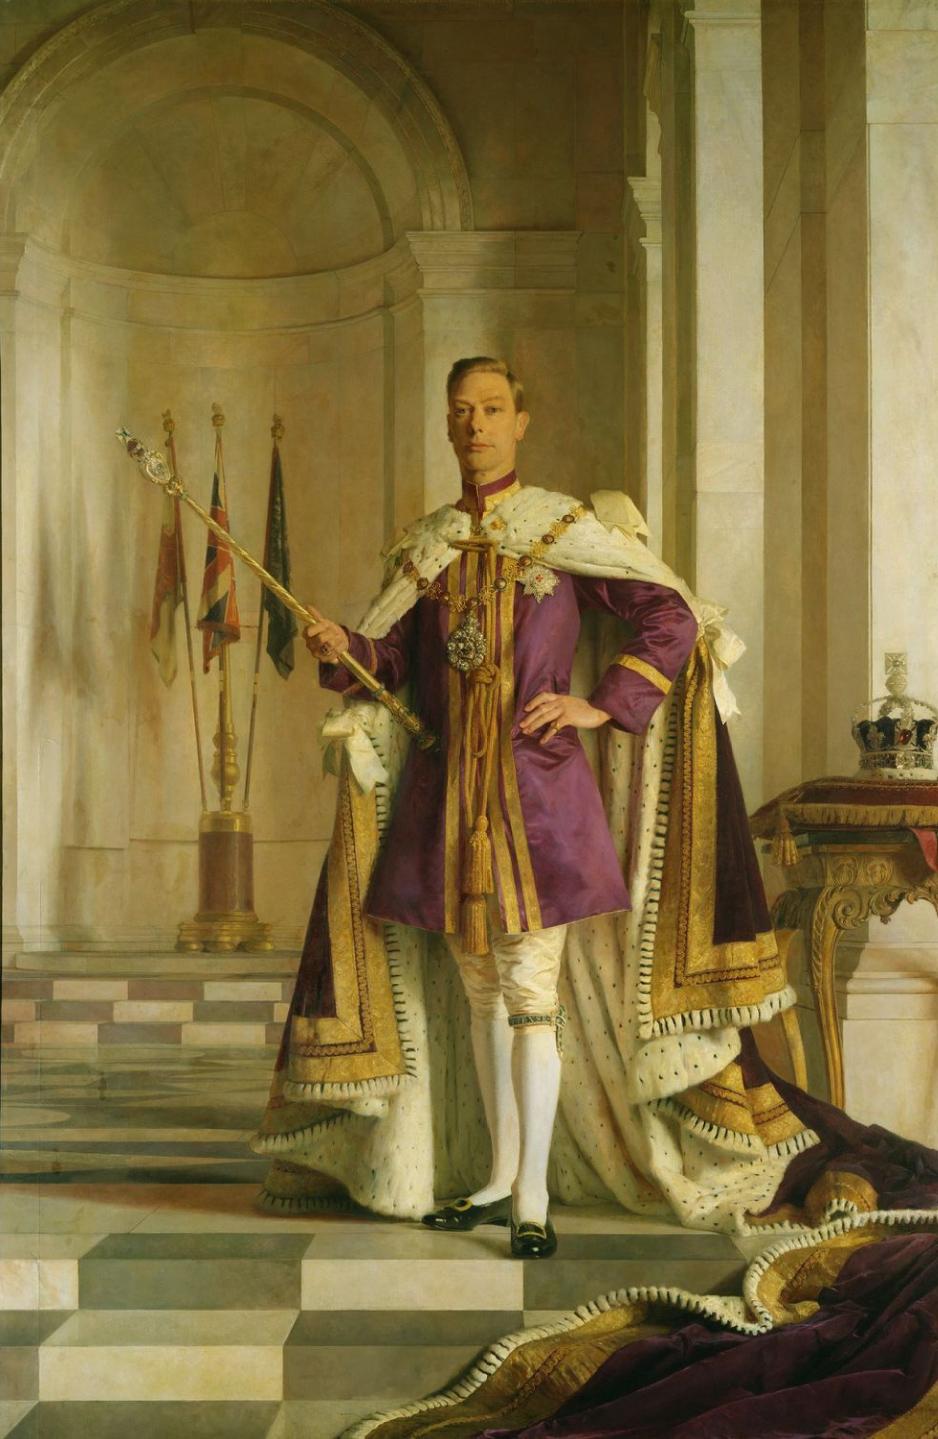 King_George_VI -